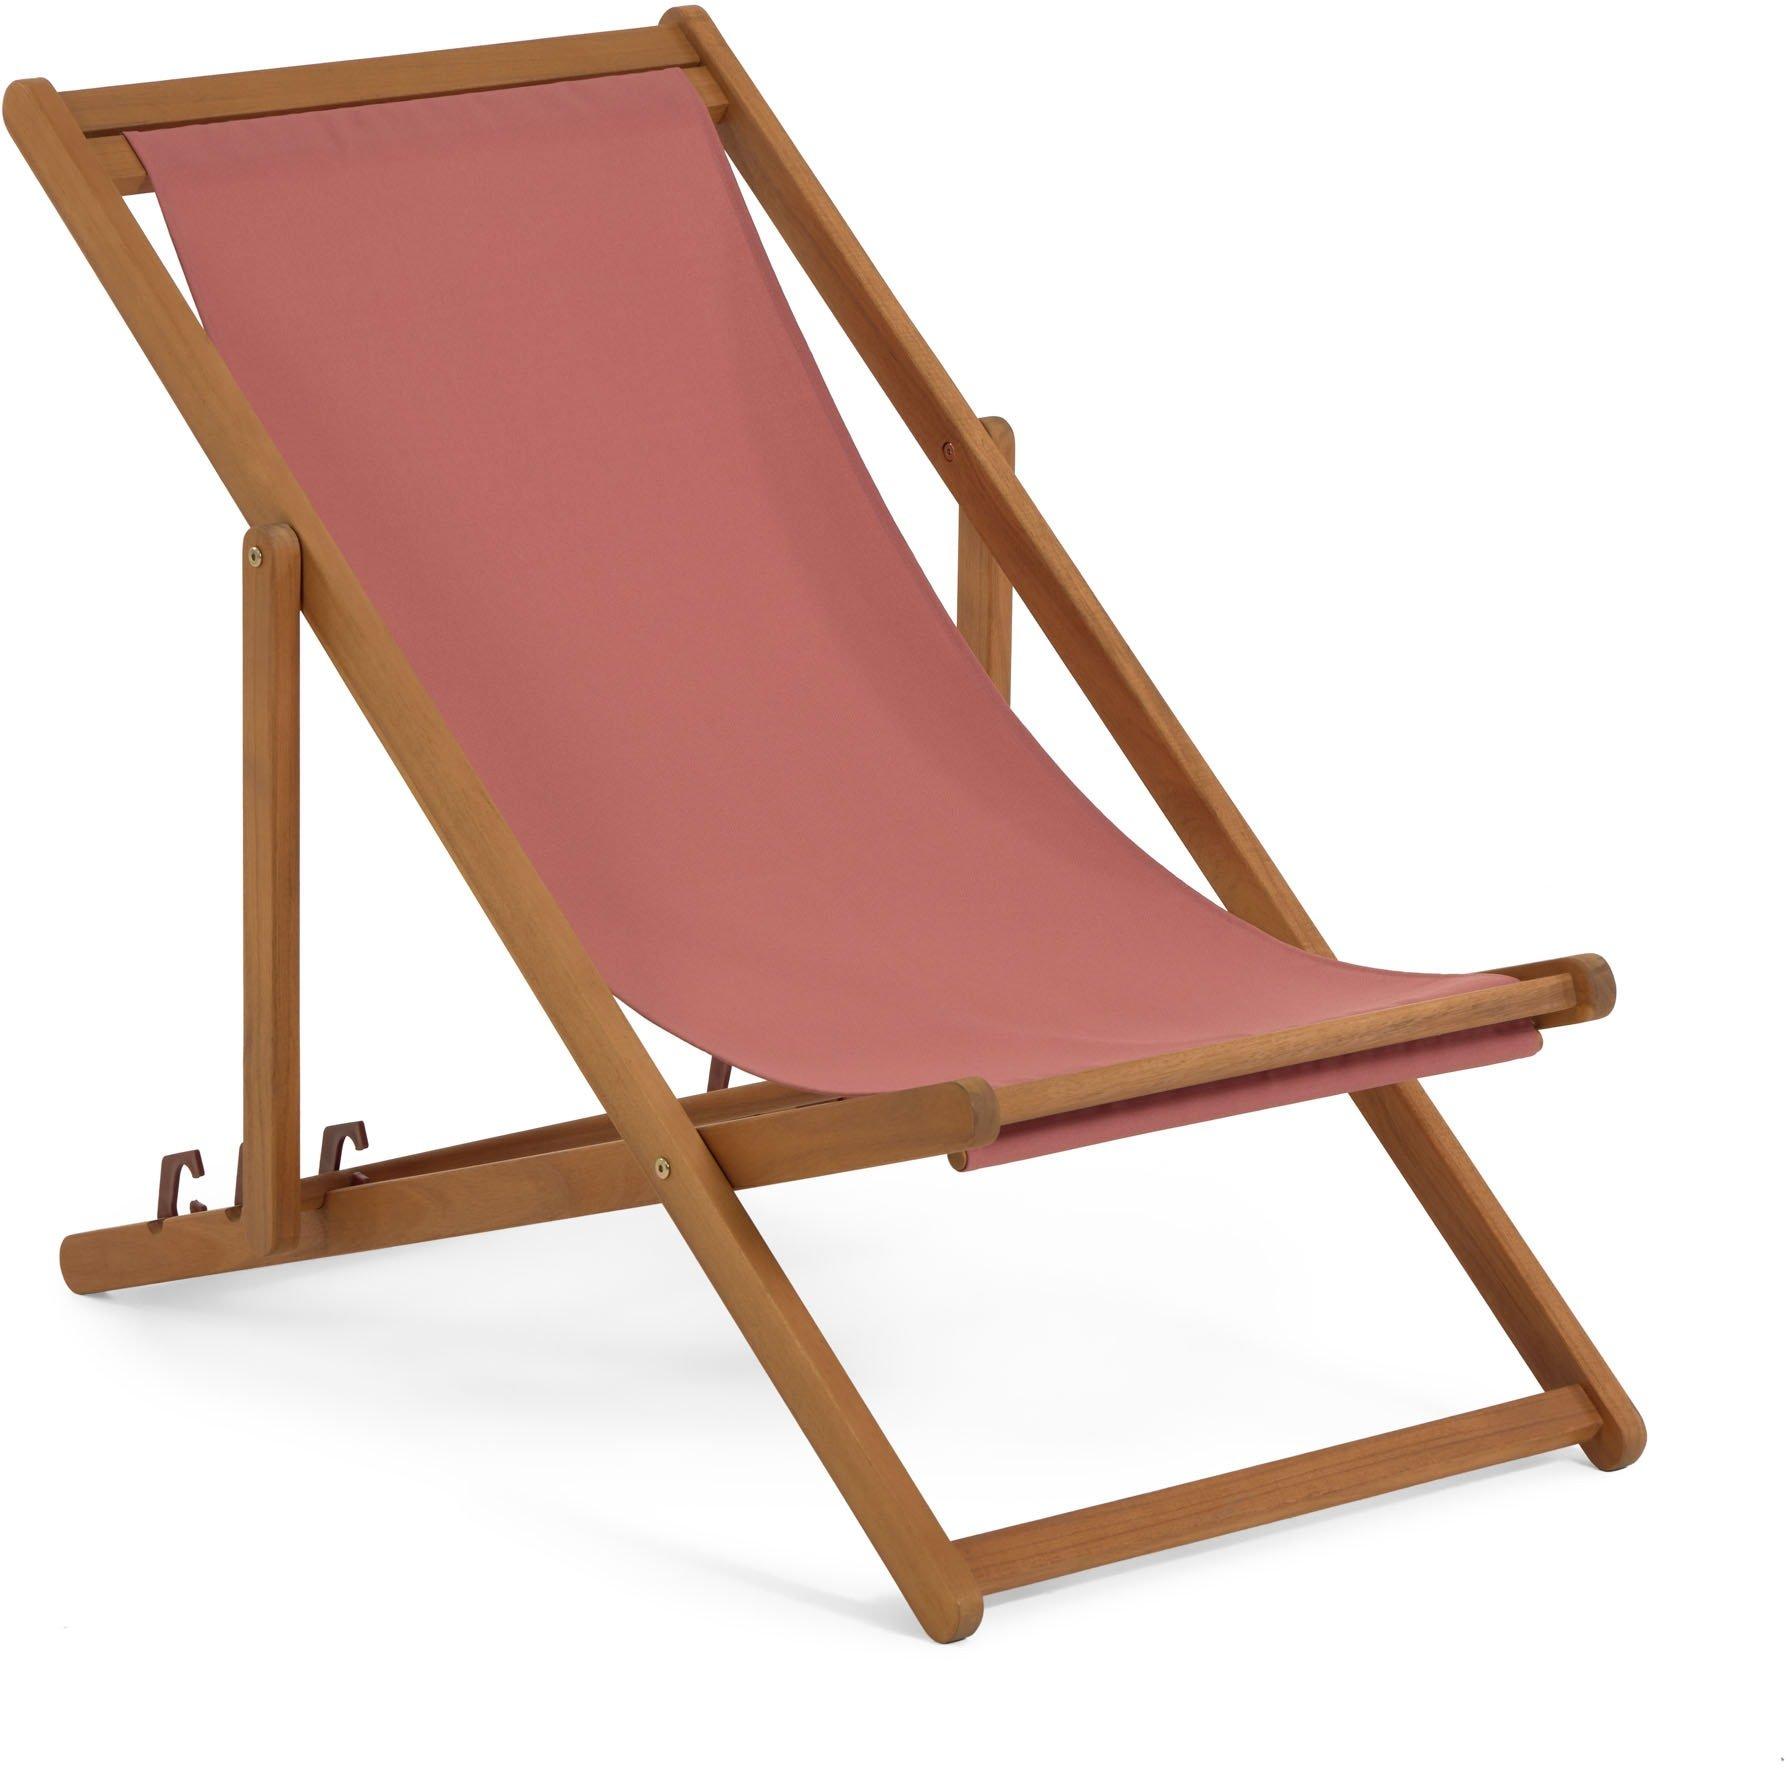 Køb Adredna, Udendørs liggestol by LaForma (H: 68 cm. B: 53 cm. L: 96 cm., Rød)